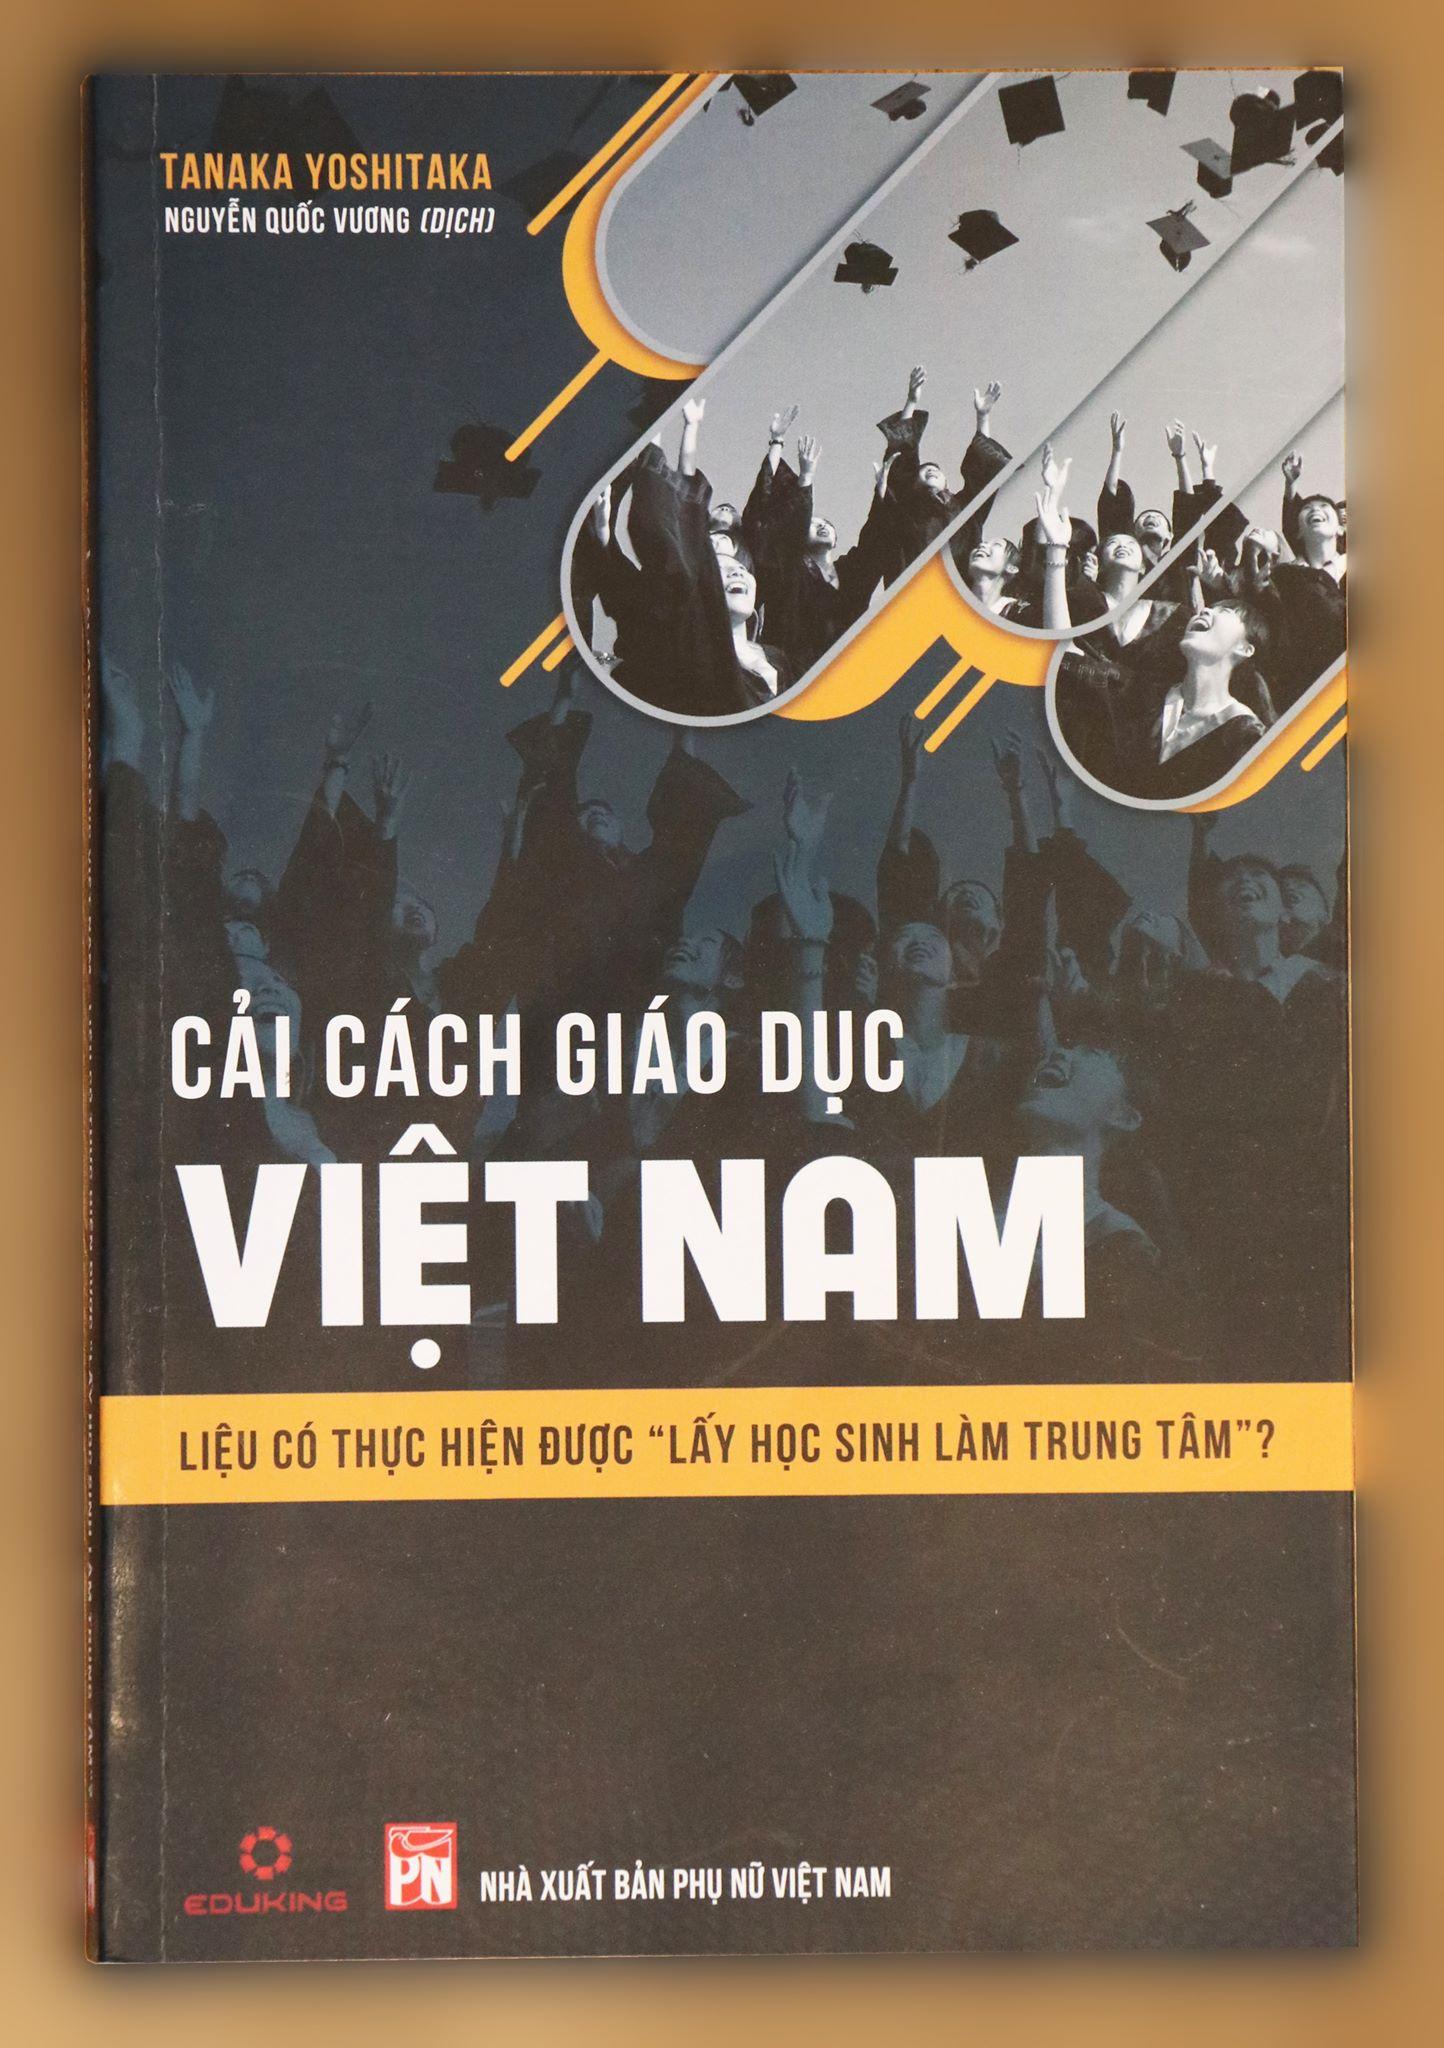 Bản tiếng Việt của cuốn sách vừa được Nxb Phụ nữ Việt Nam ấn hành tháng 7/2020.